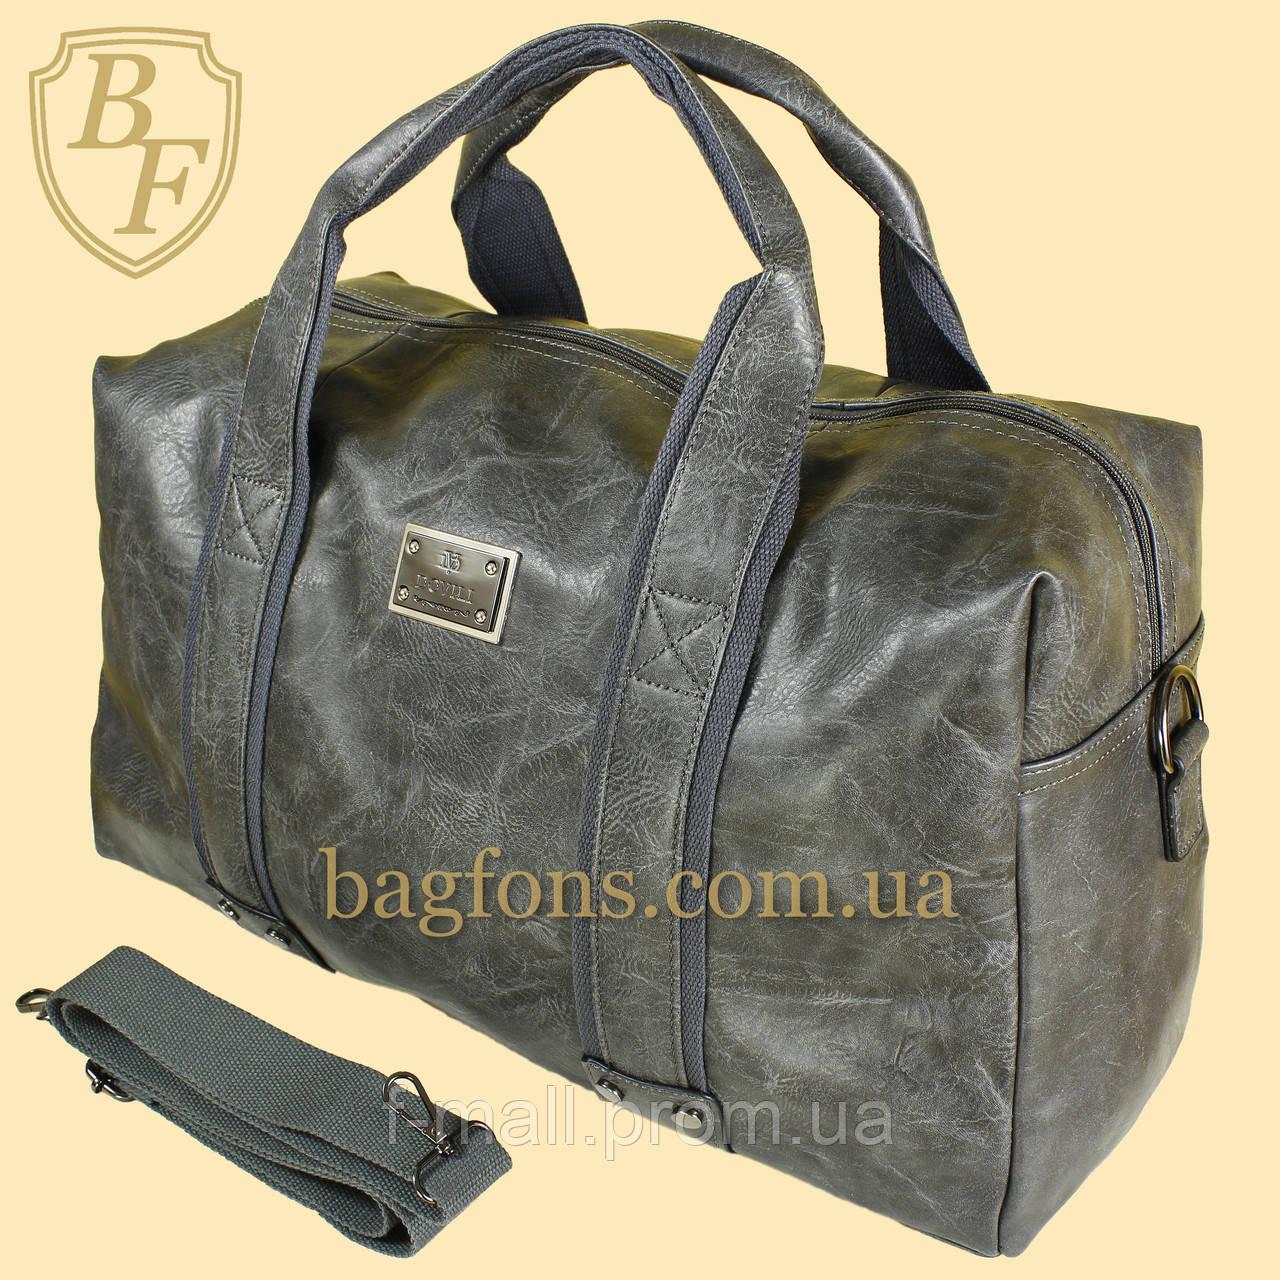 Дорожная сумка искусственная кожа серая качество люкс